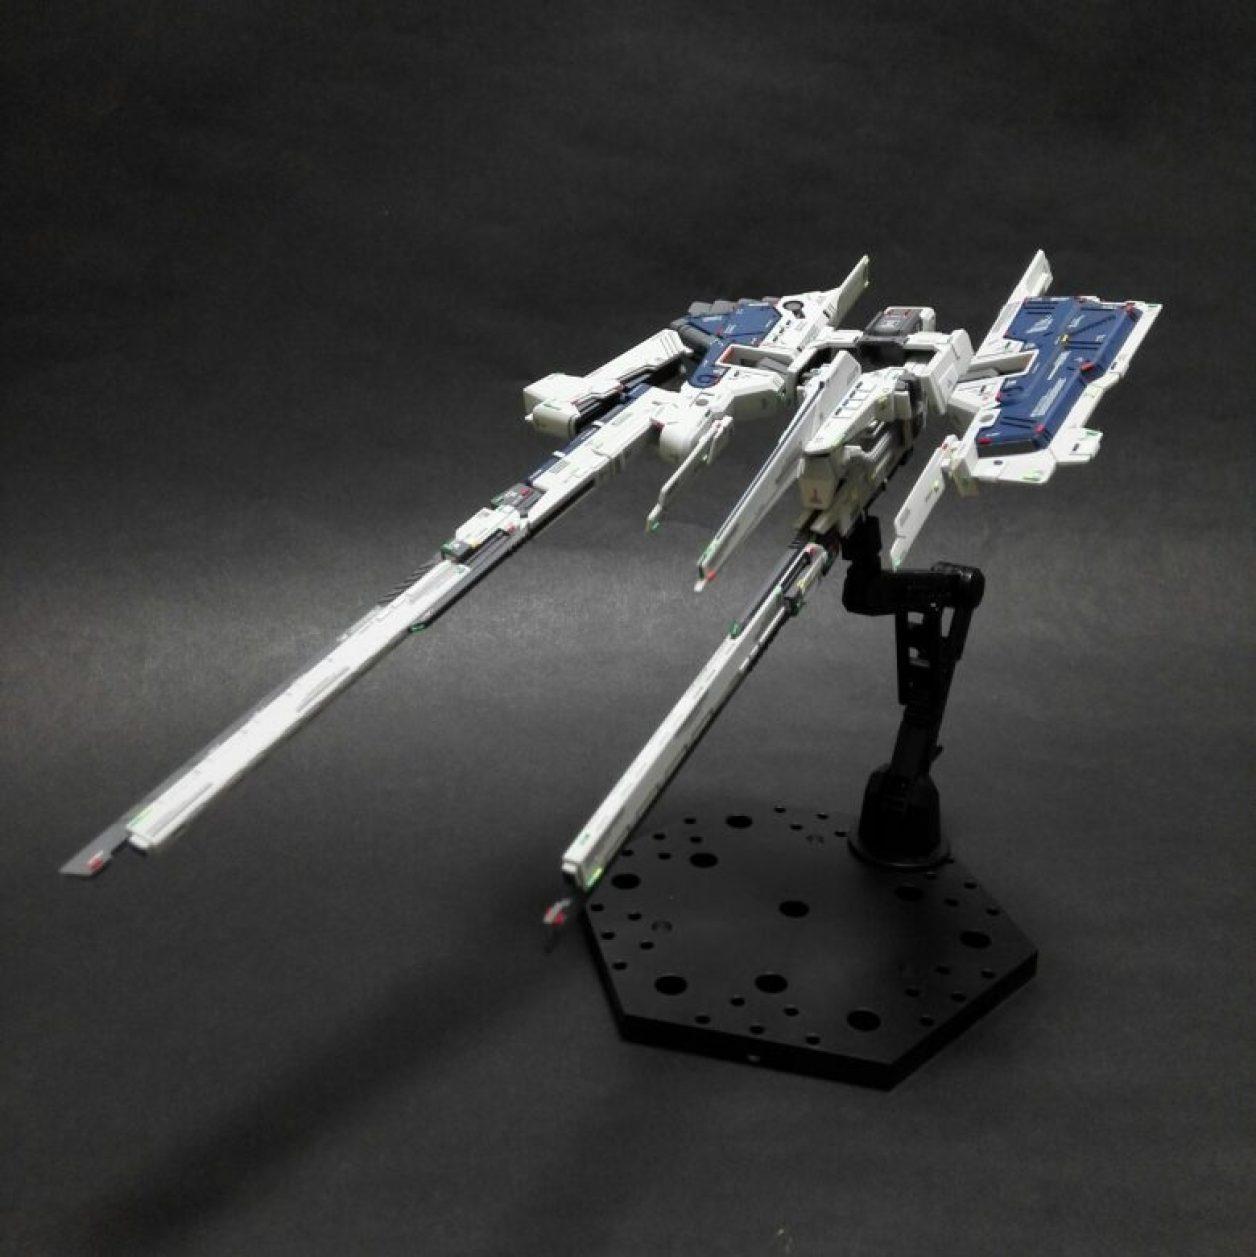 FG版 Gパーツ[フルドド]のクロウ・ウィング・ユニットのクロウを展開させてロング・ブレード・ライフルを装備させた画像